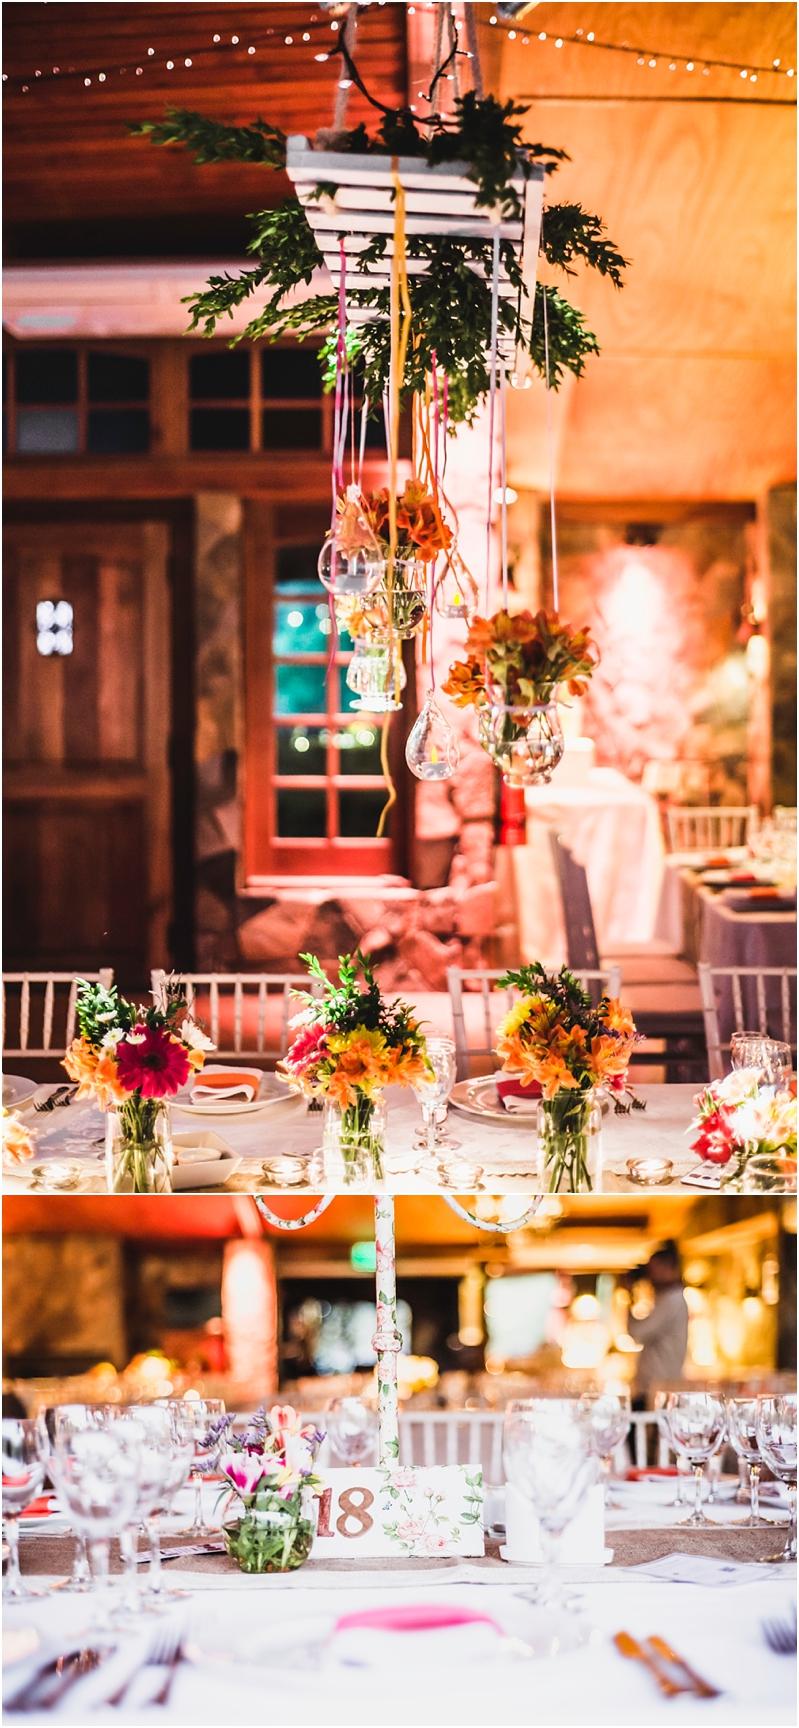 Fotografía de Matrimonio: Decoración del Interior